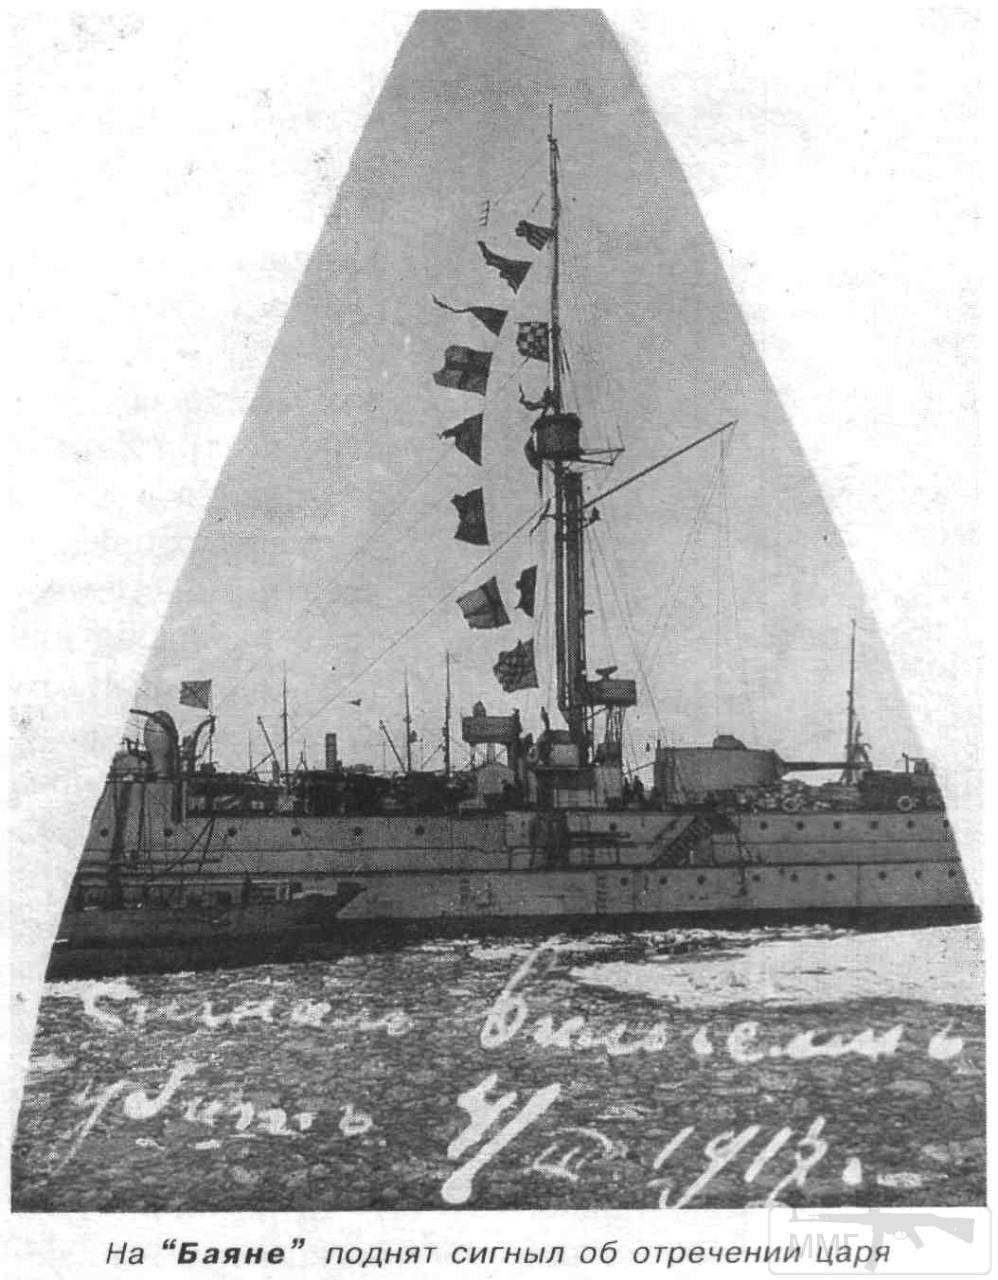 13010 - Паровой флот Российской Империи